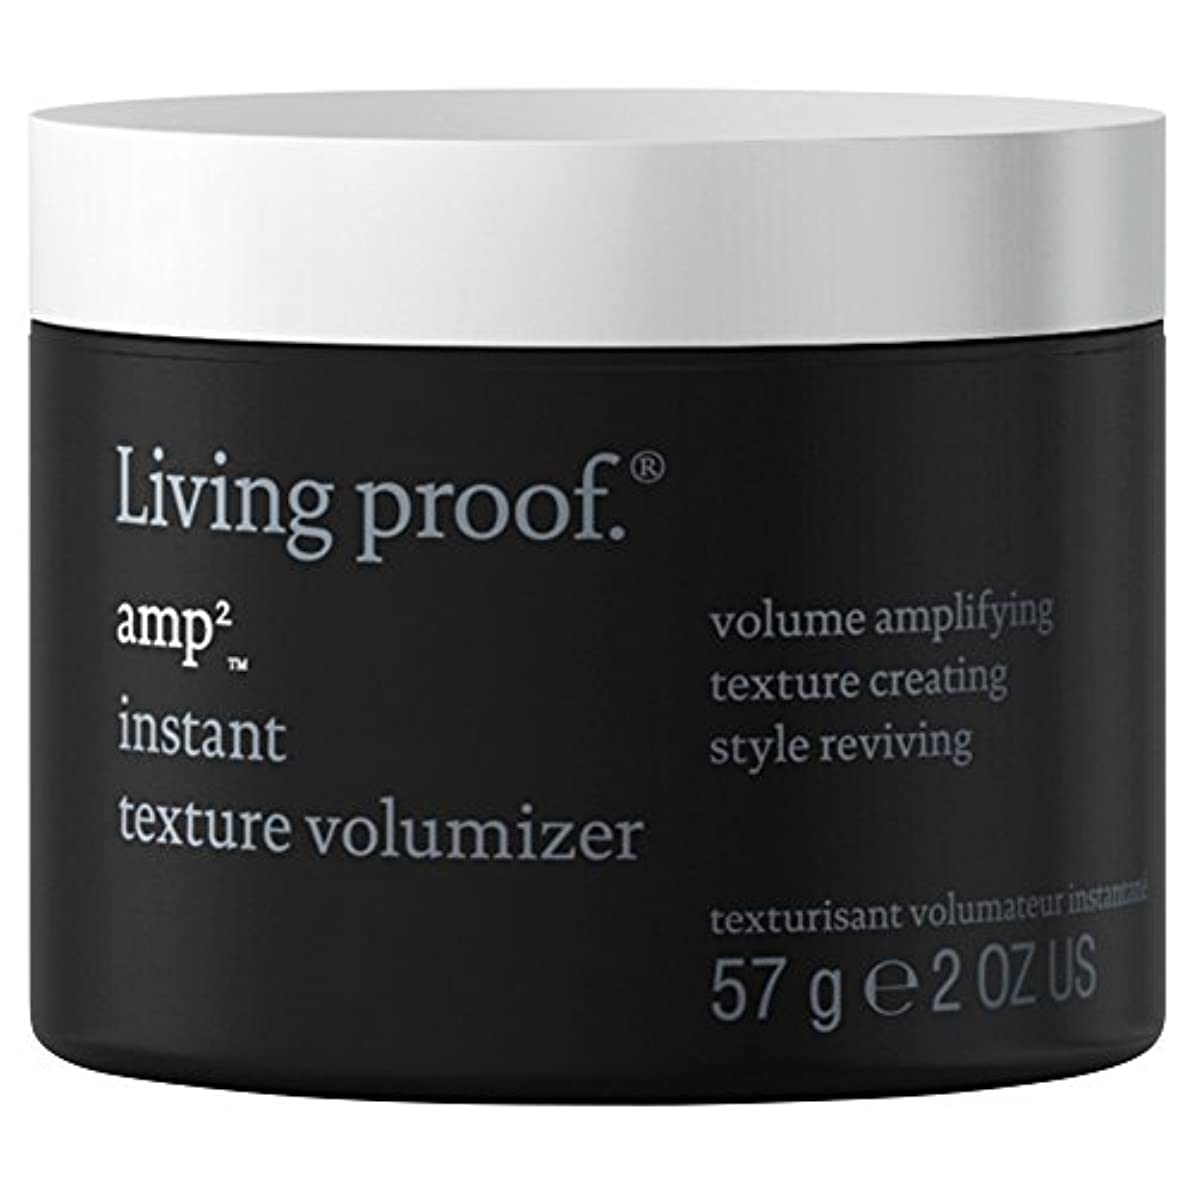 称賛州ディレクター生きている証拠アンペアインスタントテクスチャVolumiserの57グラム (Living Proof) (x2) - Living Proof Amp Instant Texture Volumiser 57g (Pack of 2) [並行輸入品]